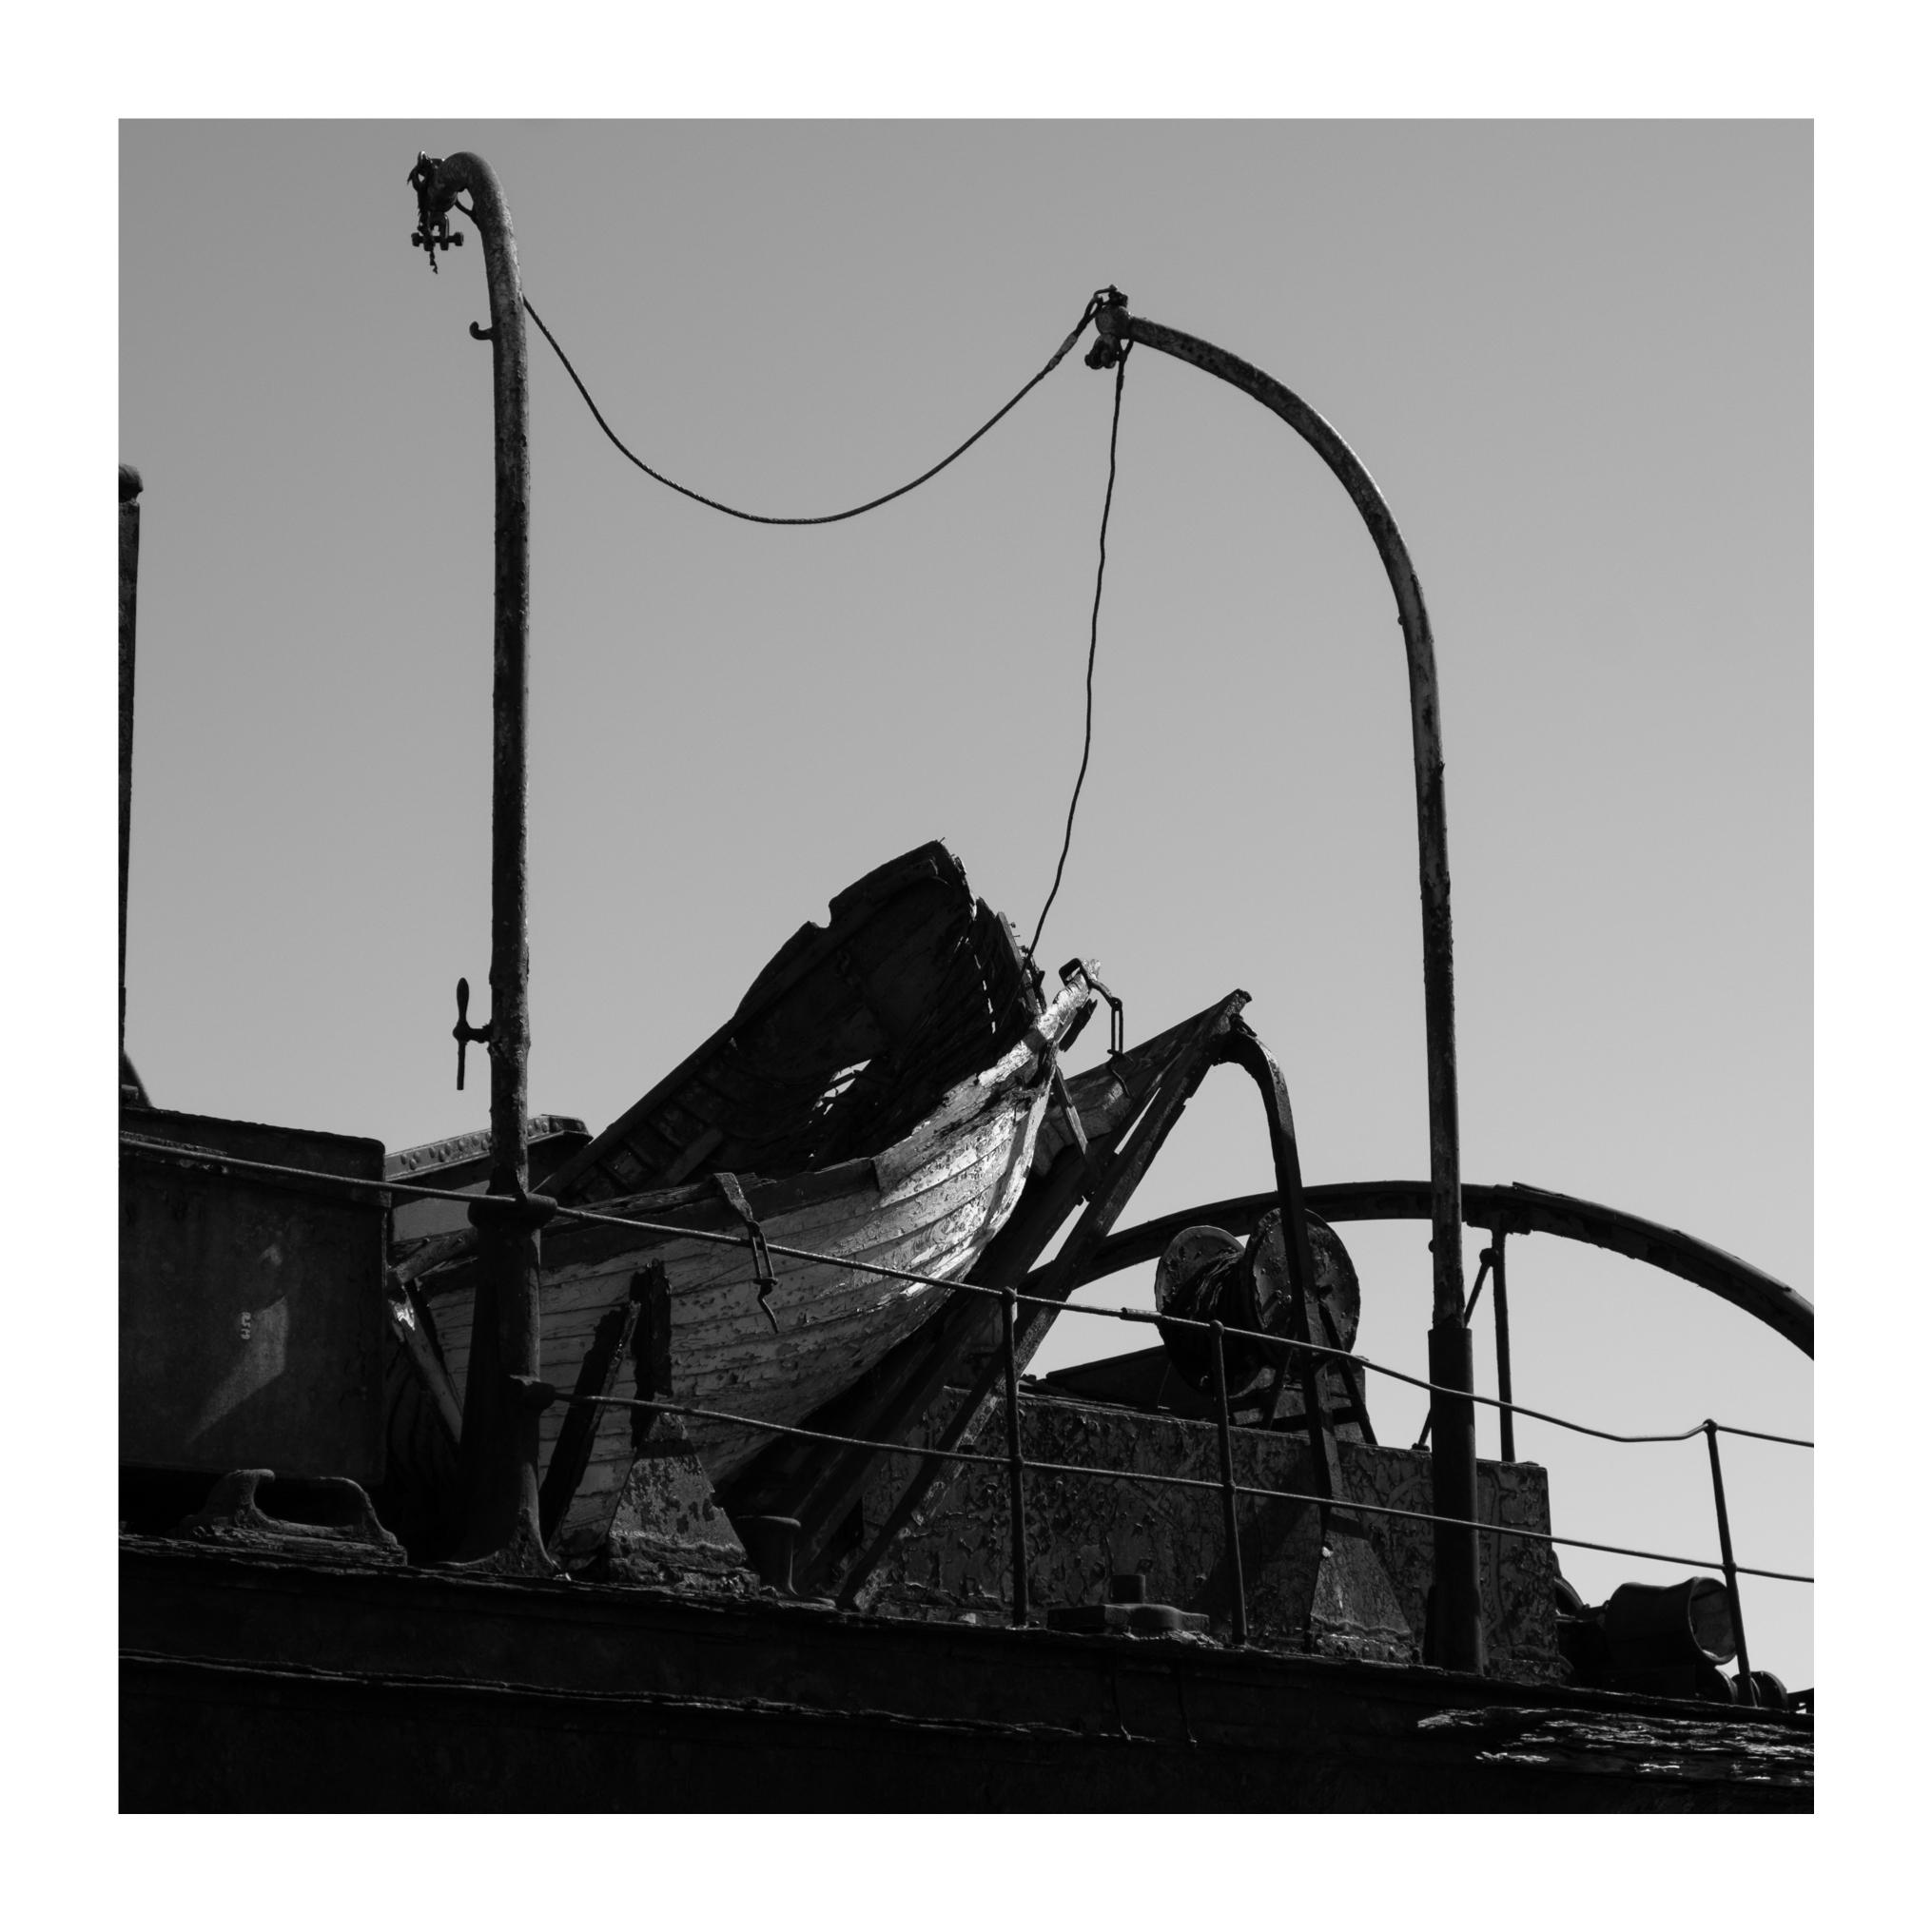 Portlairge wreck saltmills wexford 7.jpg